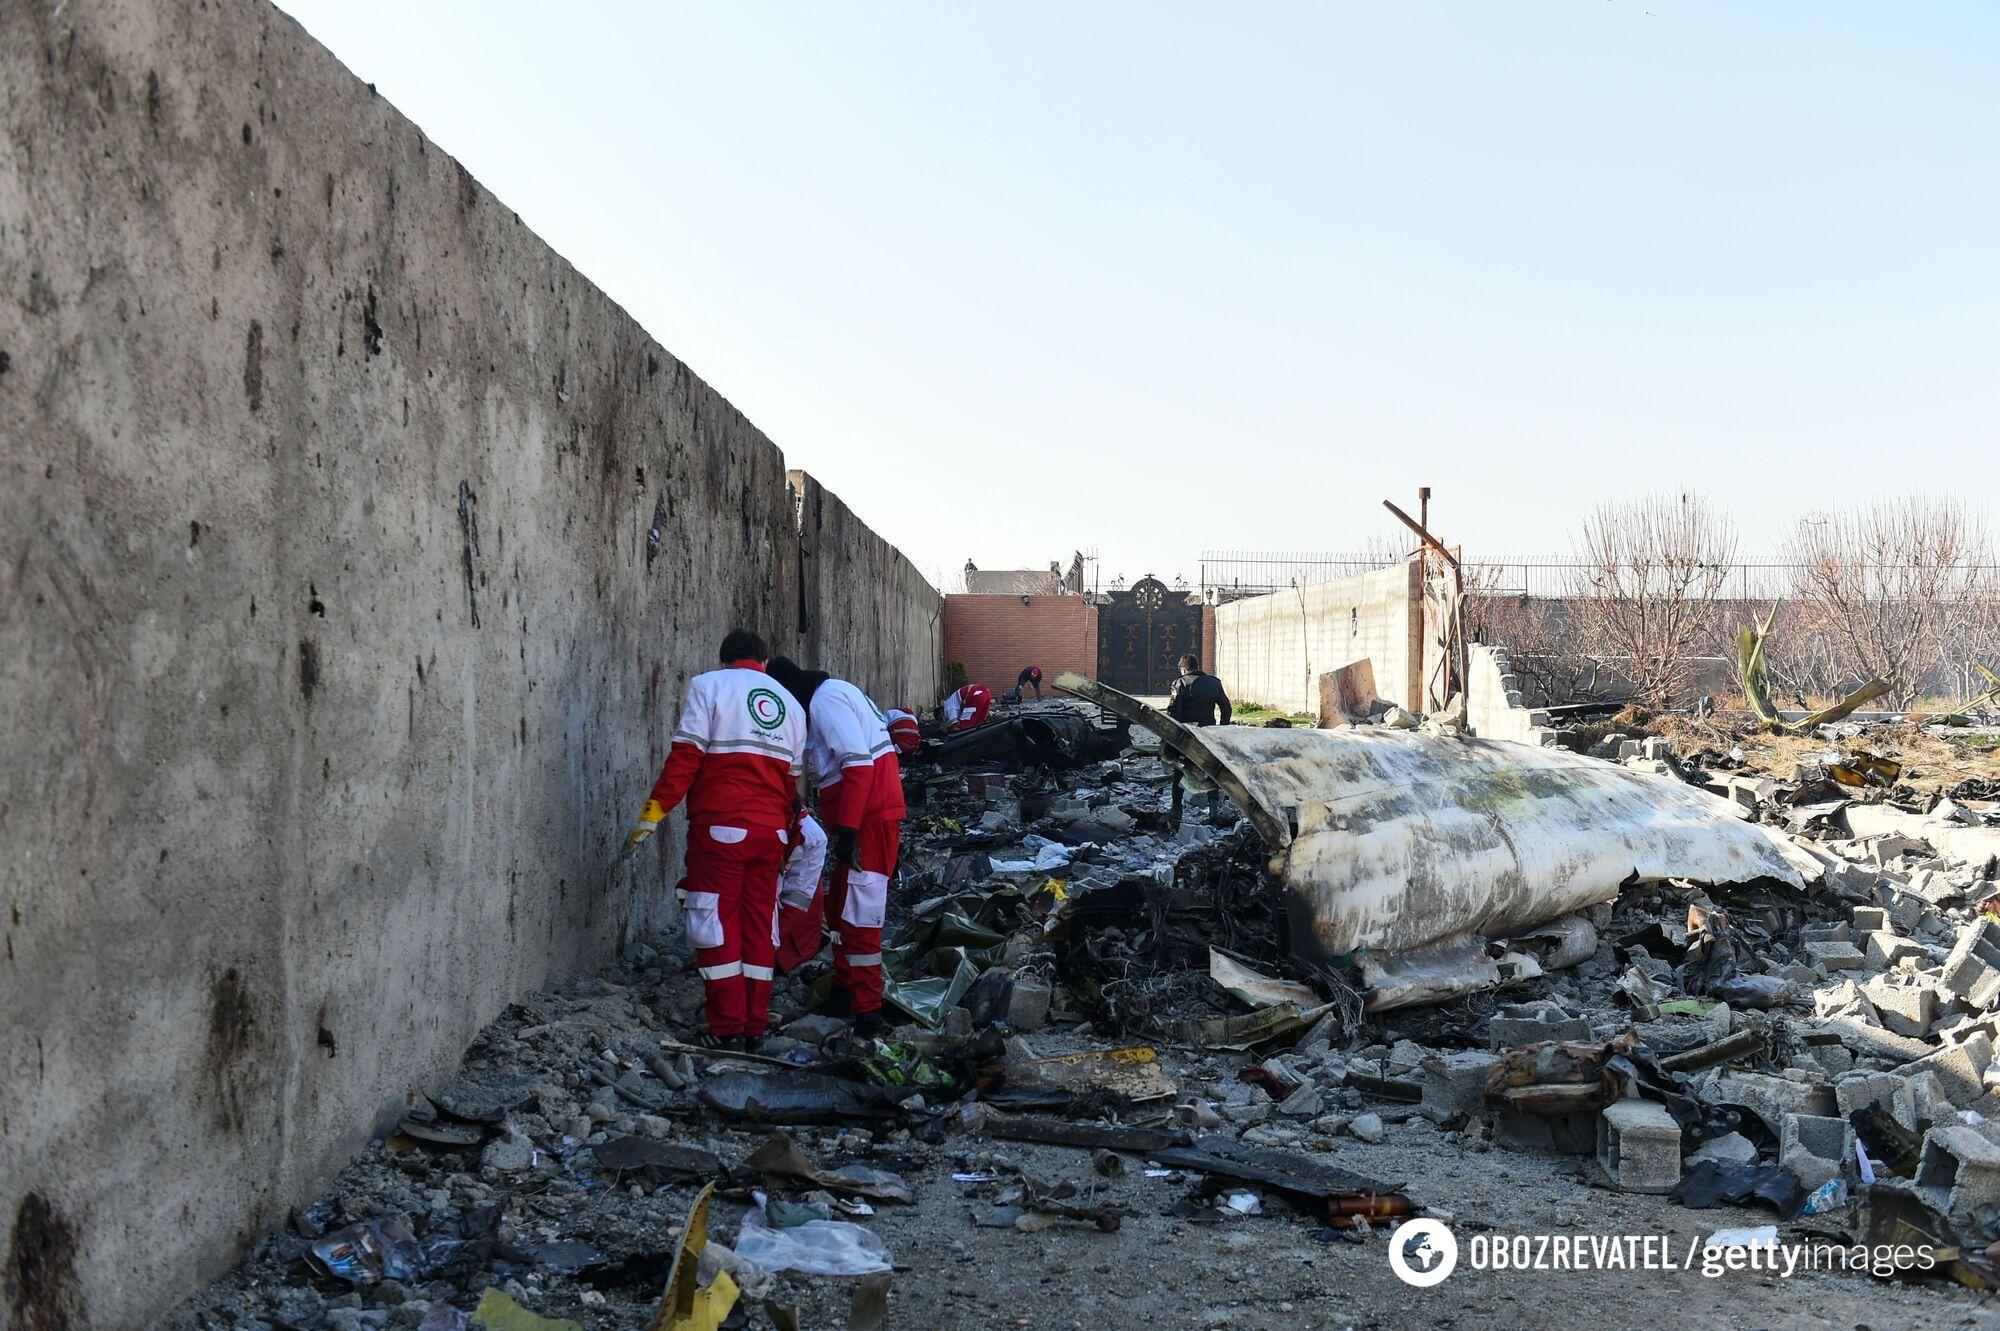 Эксперты работают на месте падения украинского самолета авиакомпании МАУ